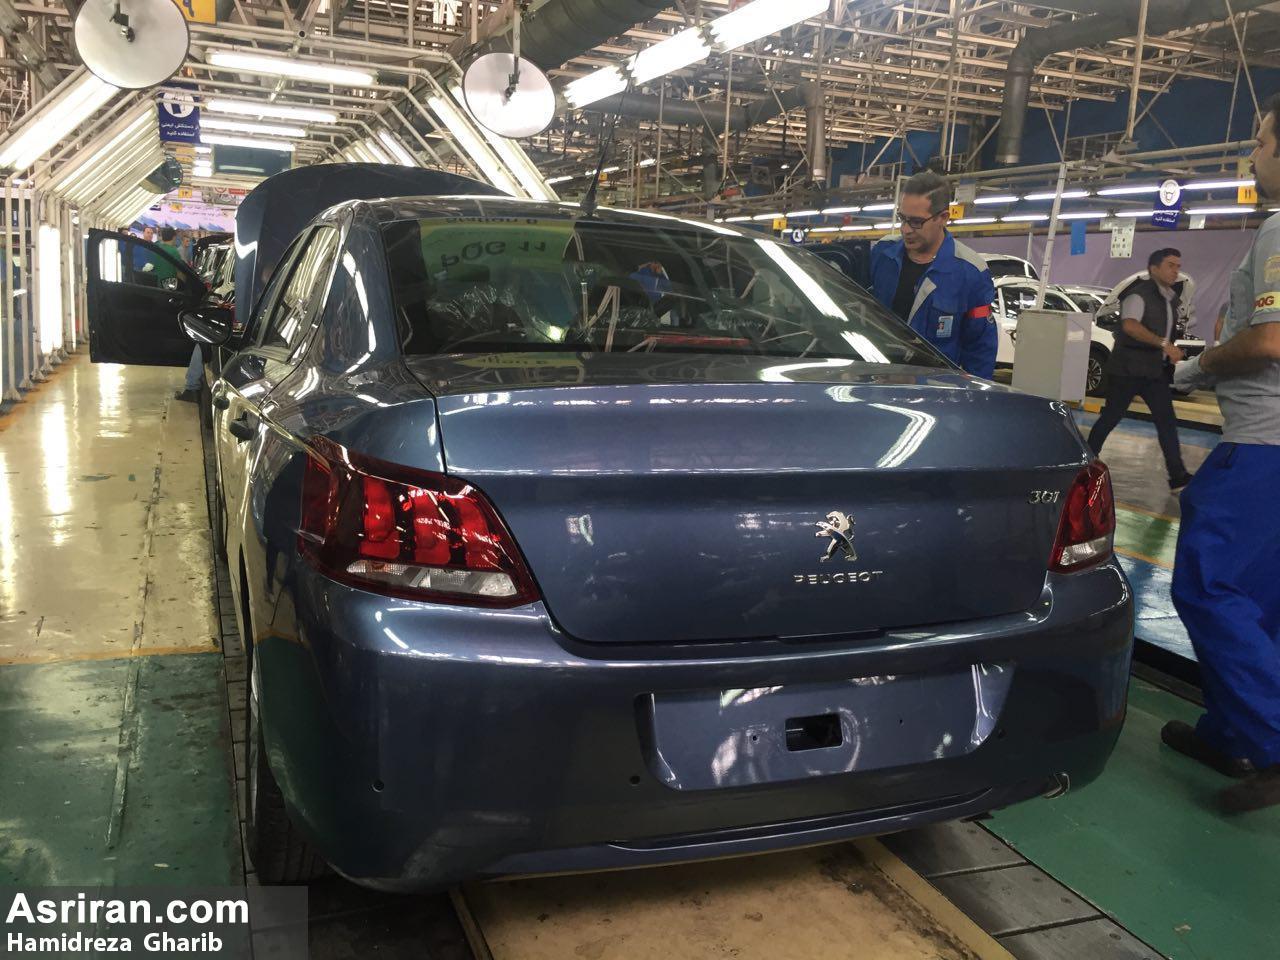 همه چیز در باره پژو 301 ایرانی/ این خودرو در چند تیپ و با چه مشخصات و امکاناتی به بازار می آید (+جزئیات)